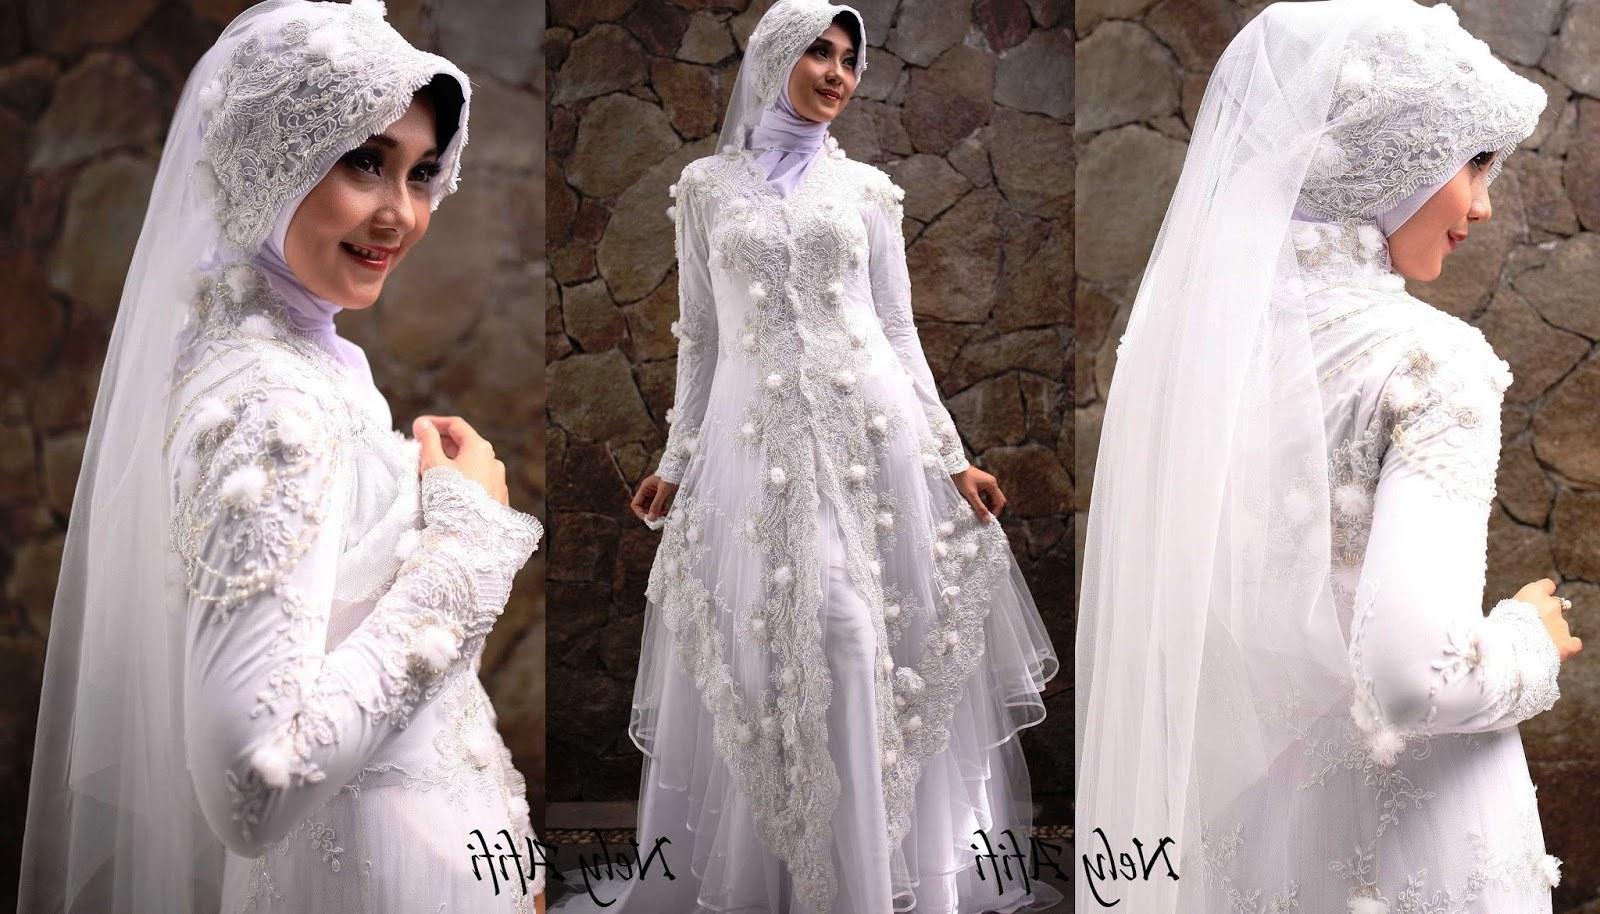 Bentuk Gamis Pernikahan Muslimah O2d5 43 Inspirasi Terpopuler Baju Pengantin Muslim Sederhana Putih